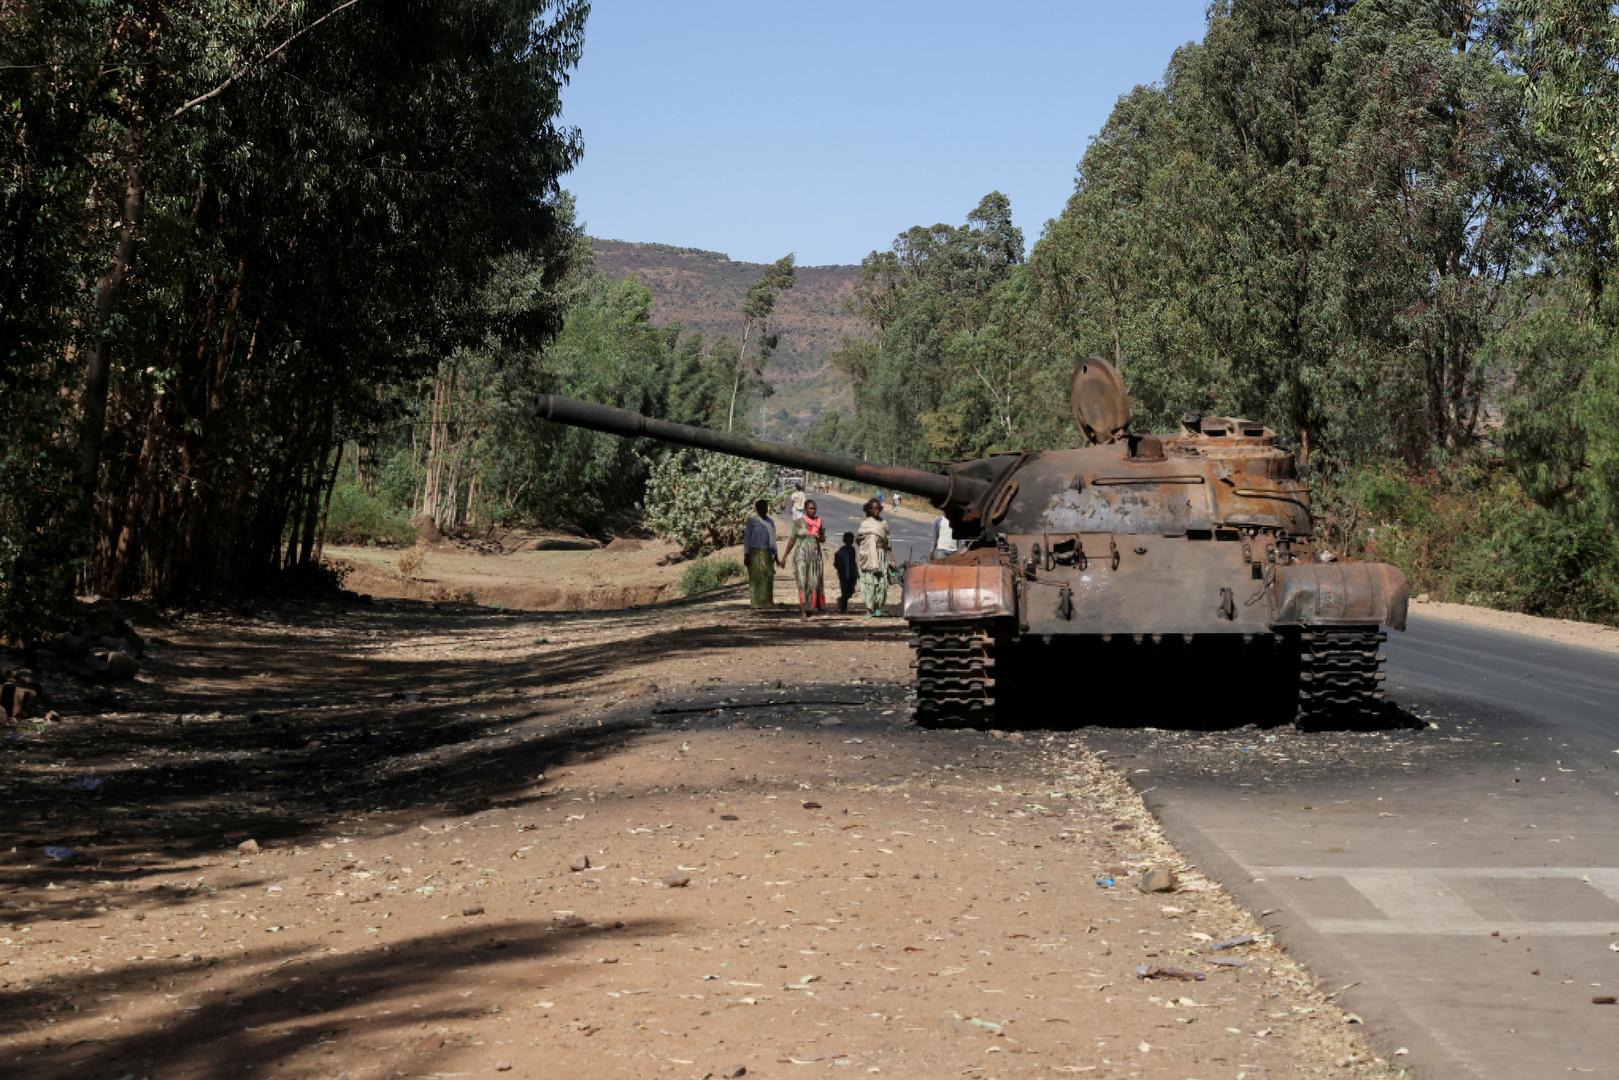 إصابة 19 مدنيا جراء إطلاق نار من قبل جنود إرتيريين في تيغراي بإثيوبيا